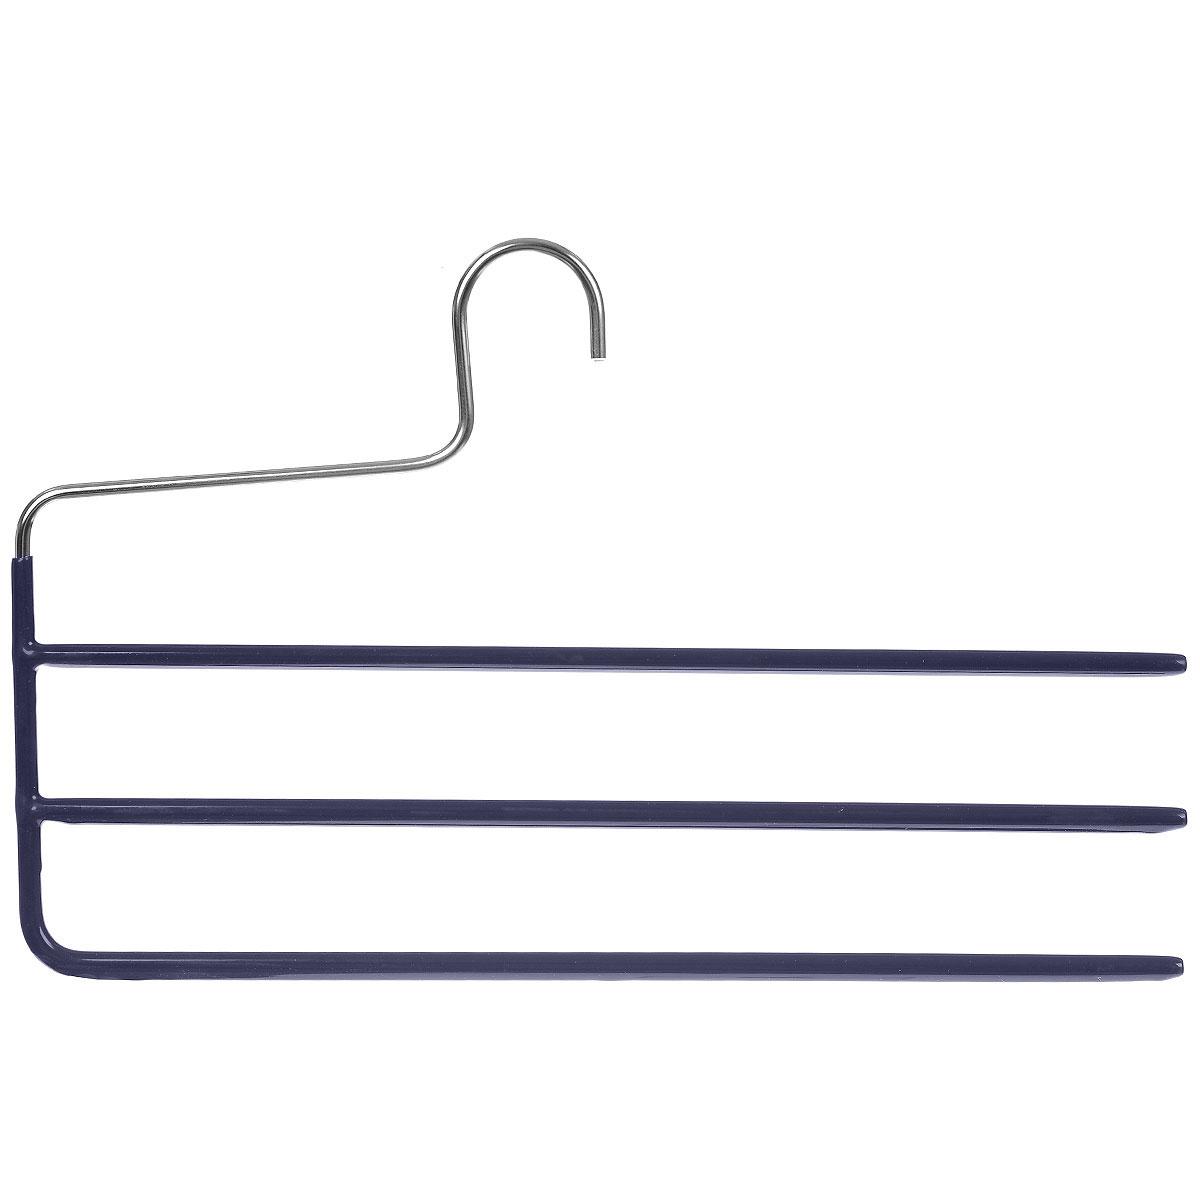 Вешалка для брюк Cosatto, цвет: темно-синийGYMHS2665LPВешалка для брюк Cosatto изготовлена из металла с антискользящим покрытием. Имеет 3 перекладины для брюк. Вешалка - это необходимый аксессуар для аккуратного хранения вещей.